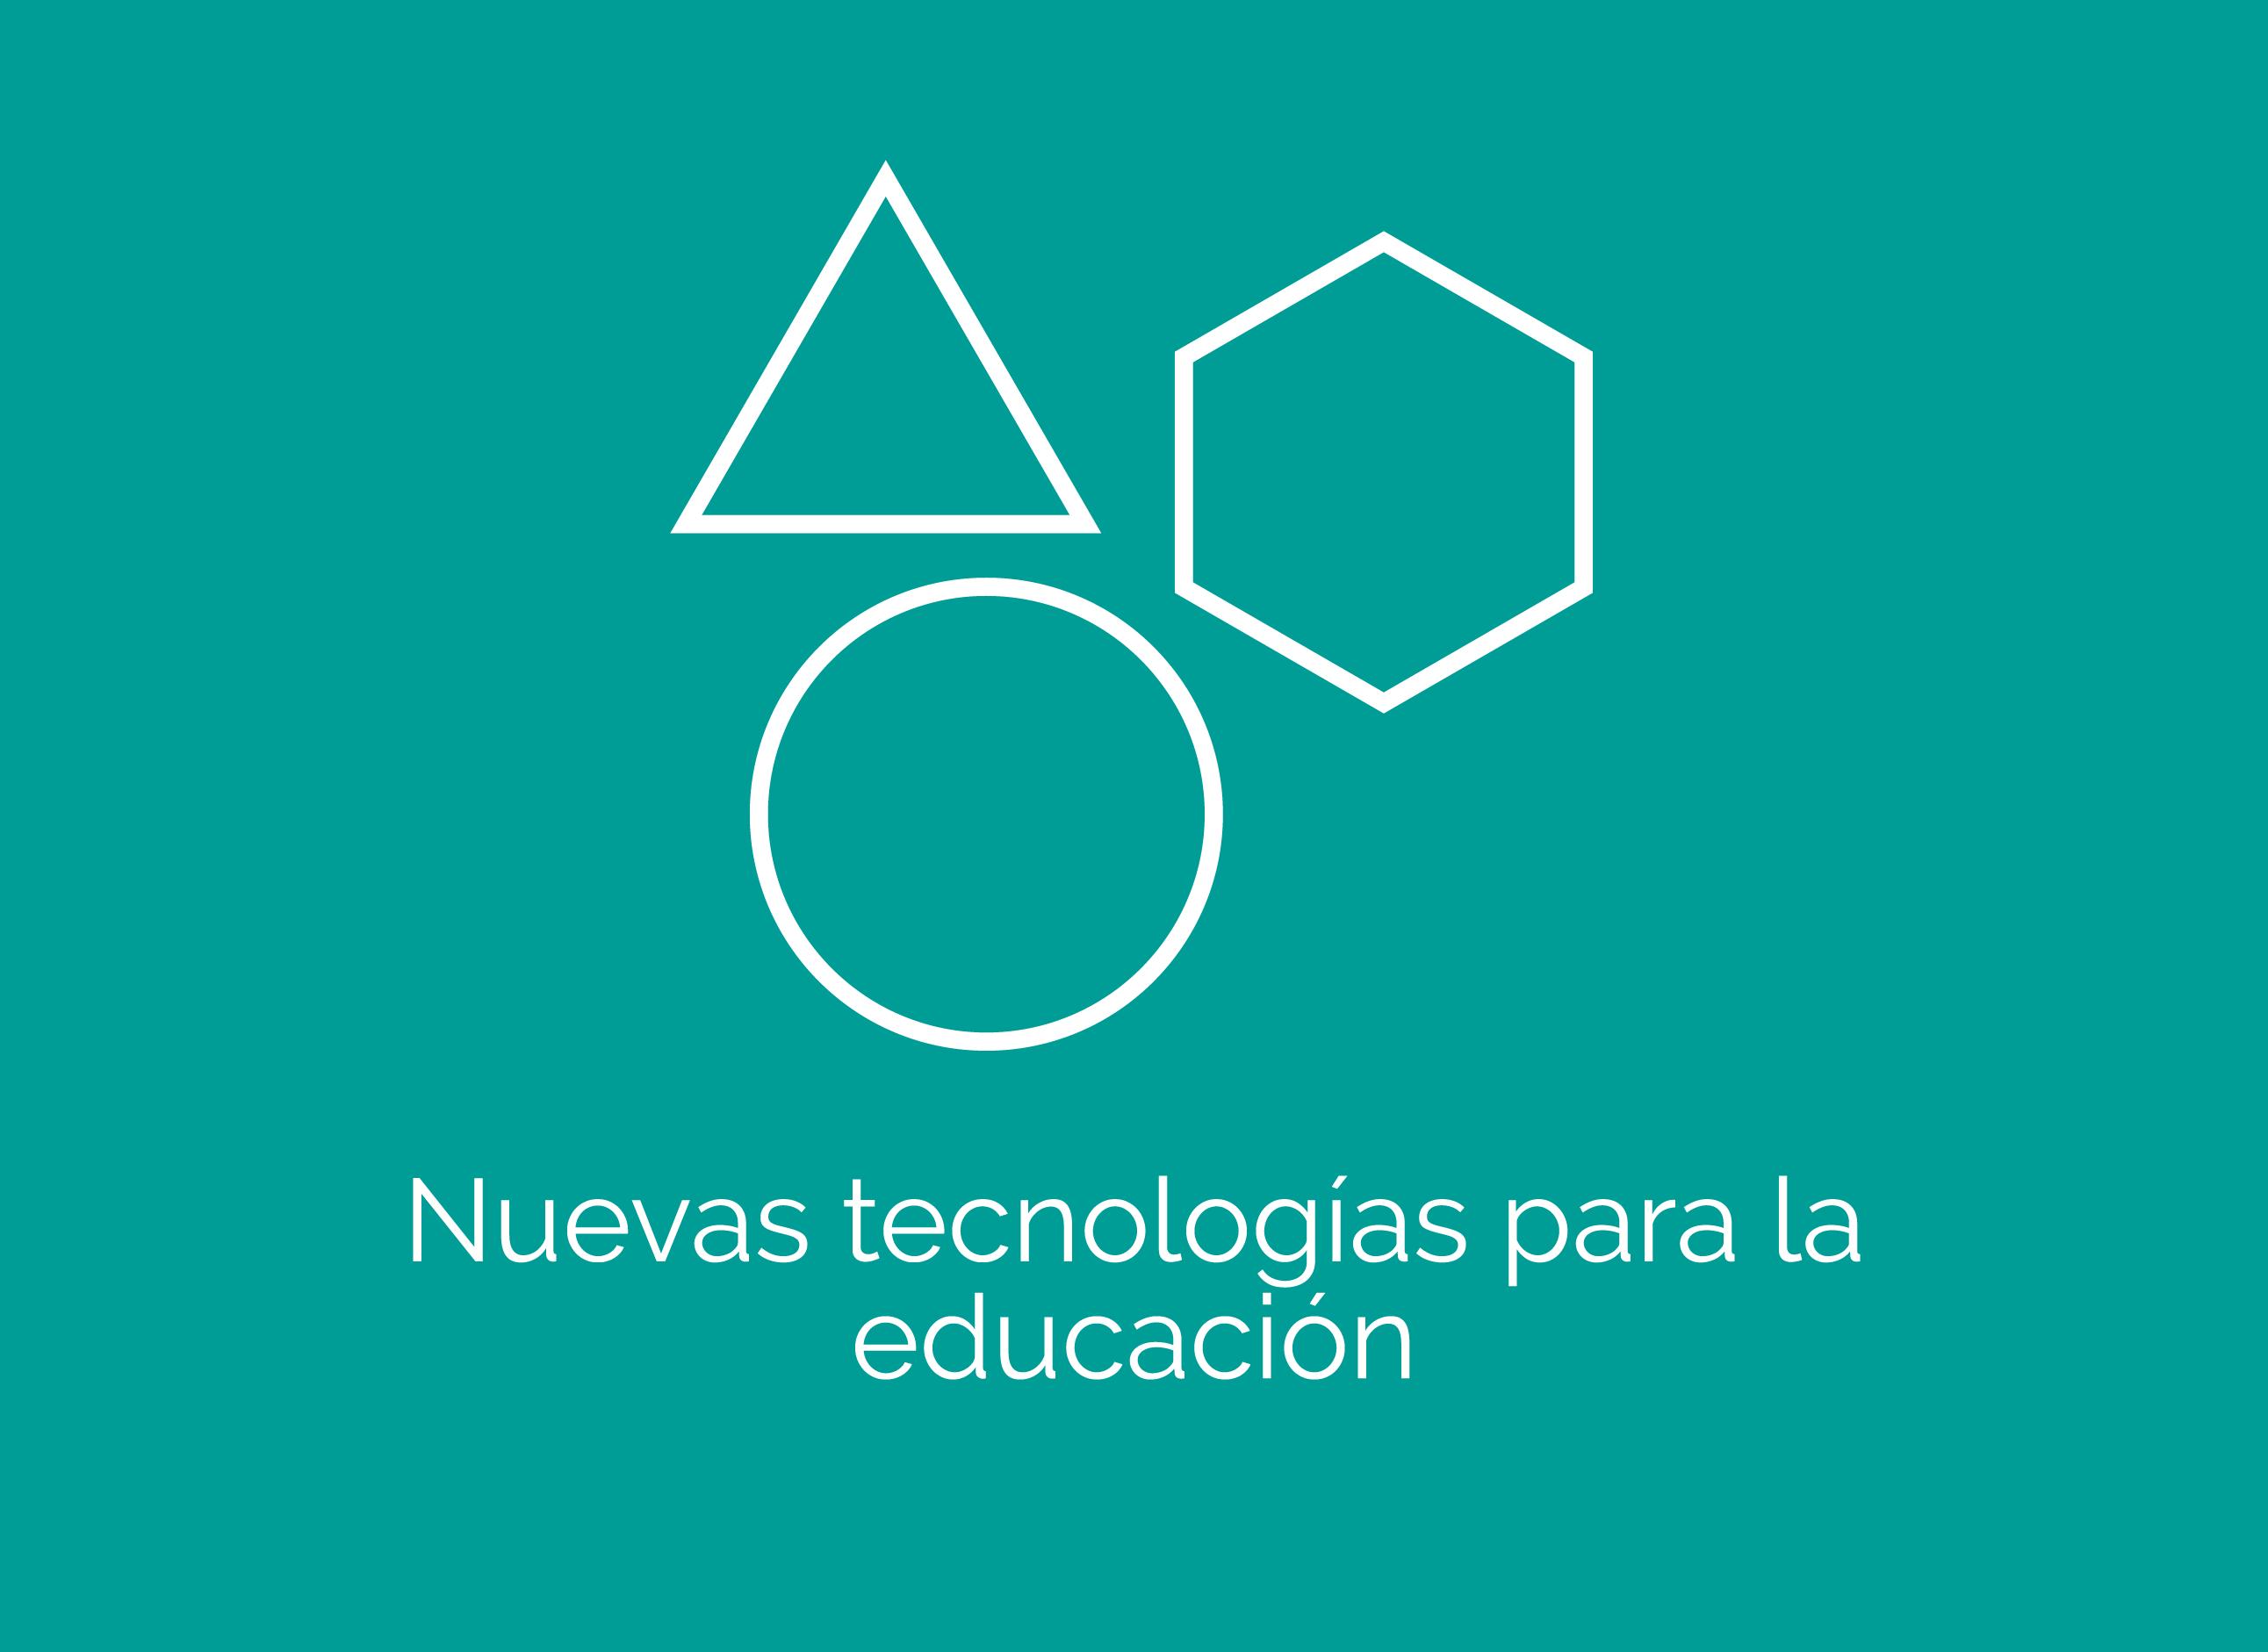 E-Docentes y Nuevas Tecnologías para la Educación